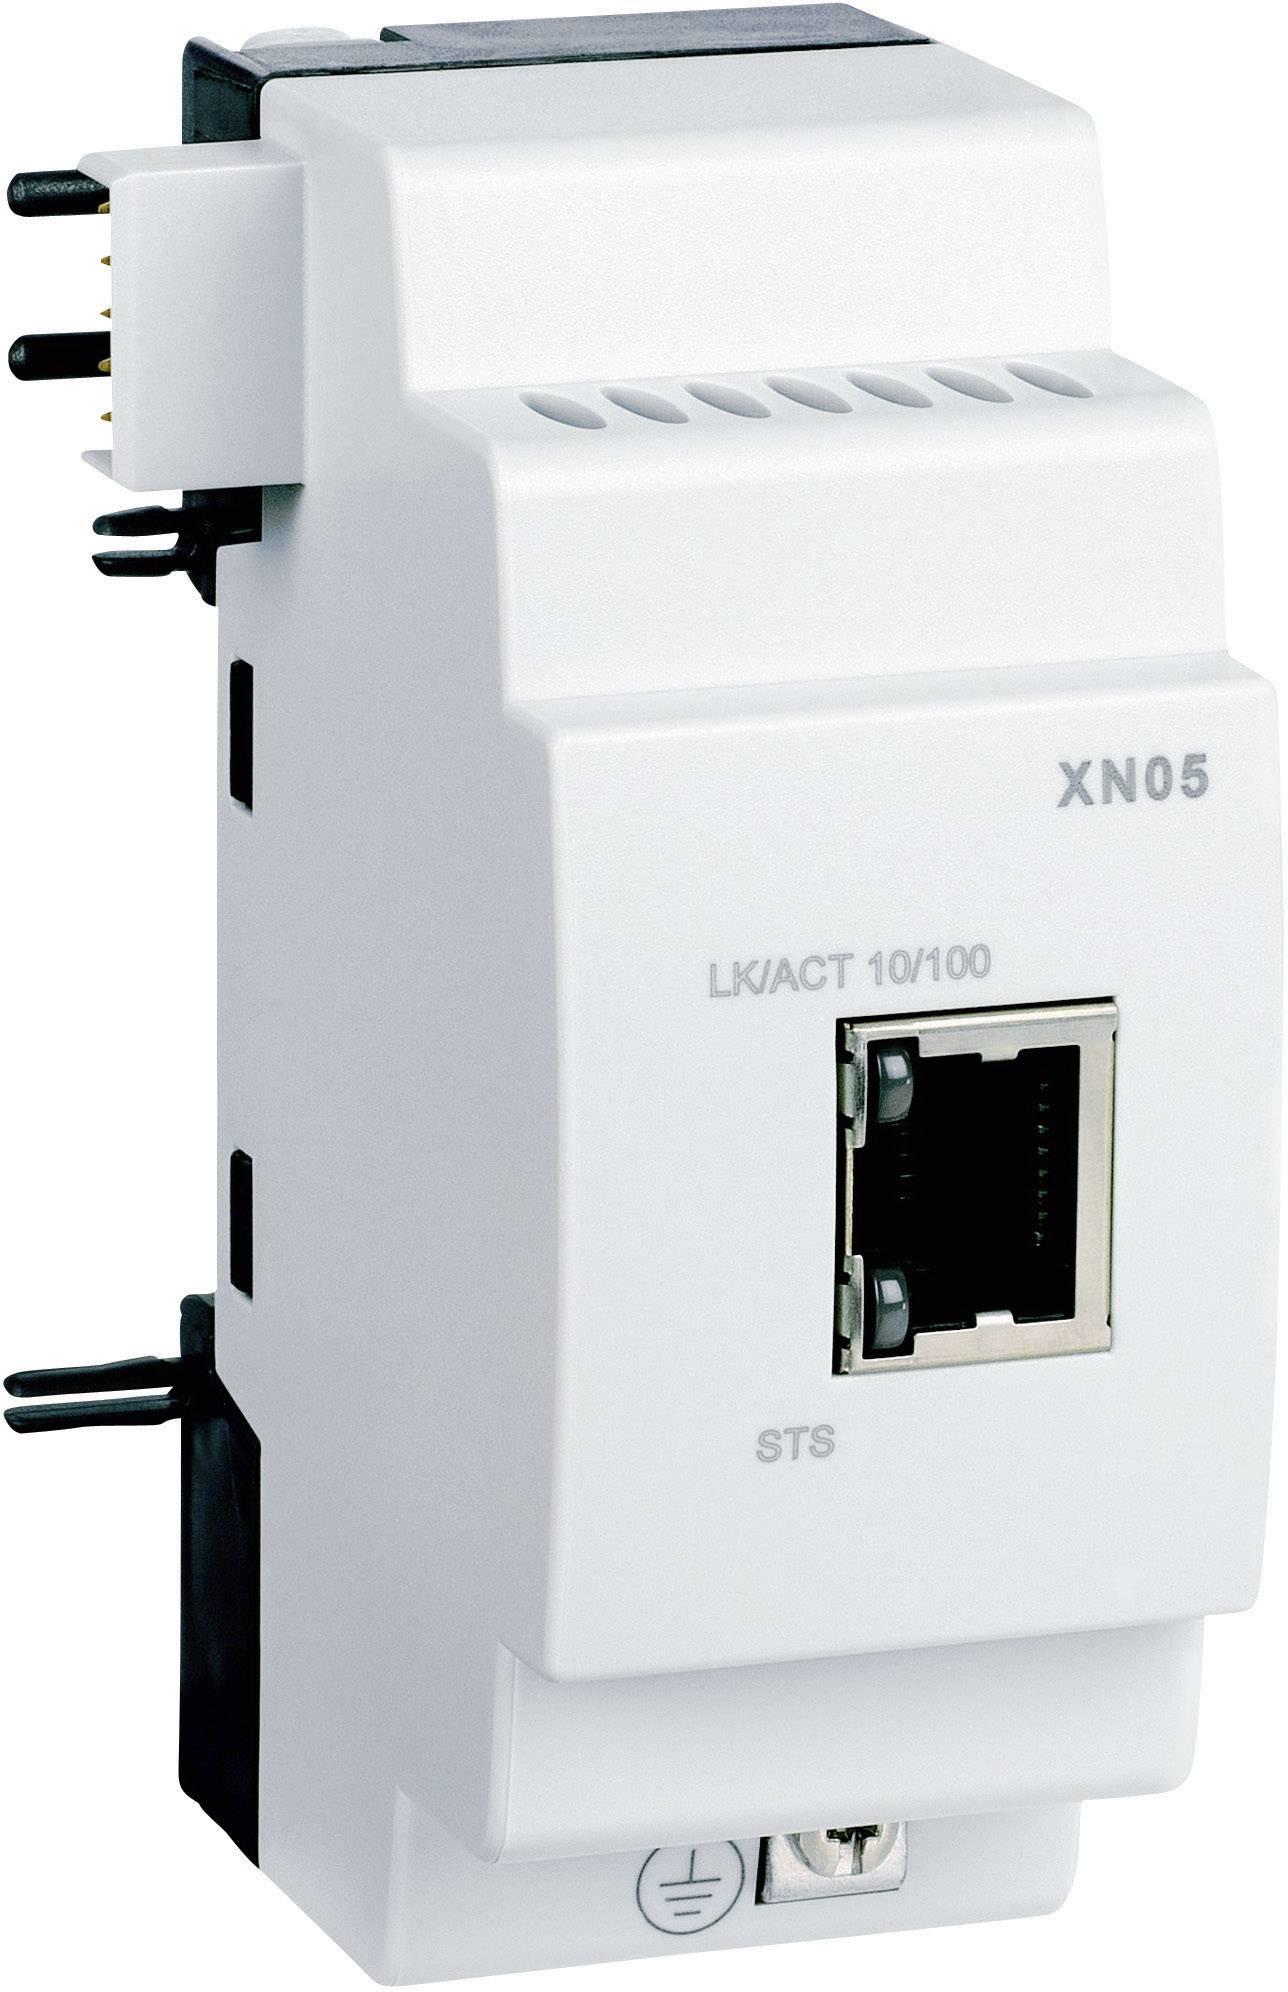 PLC rozširujúci modul Crouzet Millenium 3 XN06 RS485 88972250, 24 V/DC